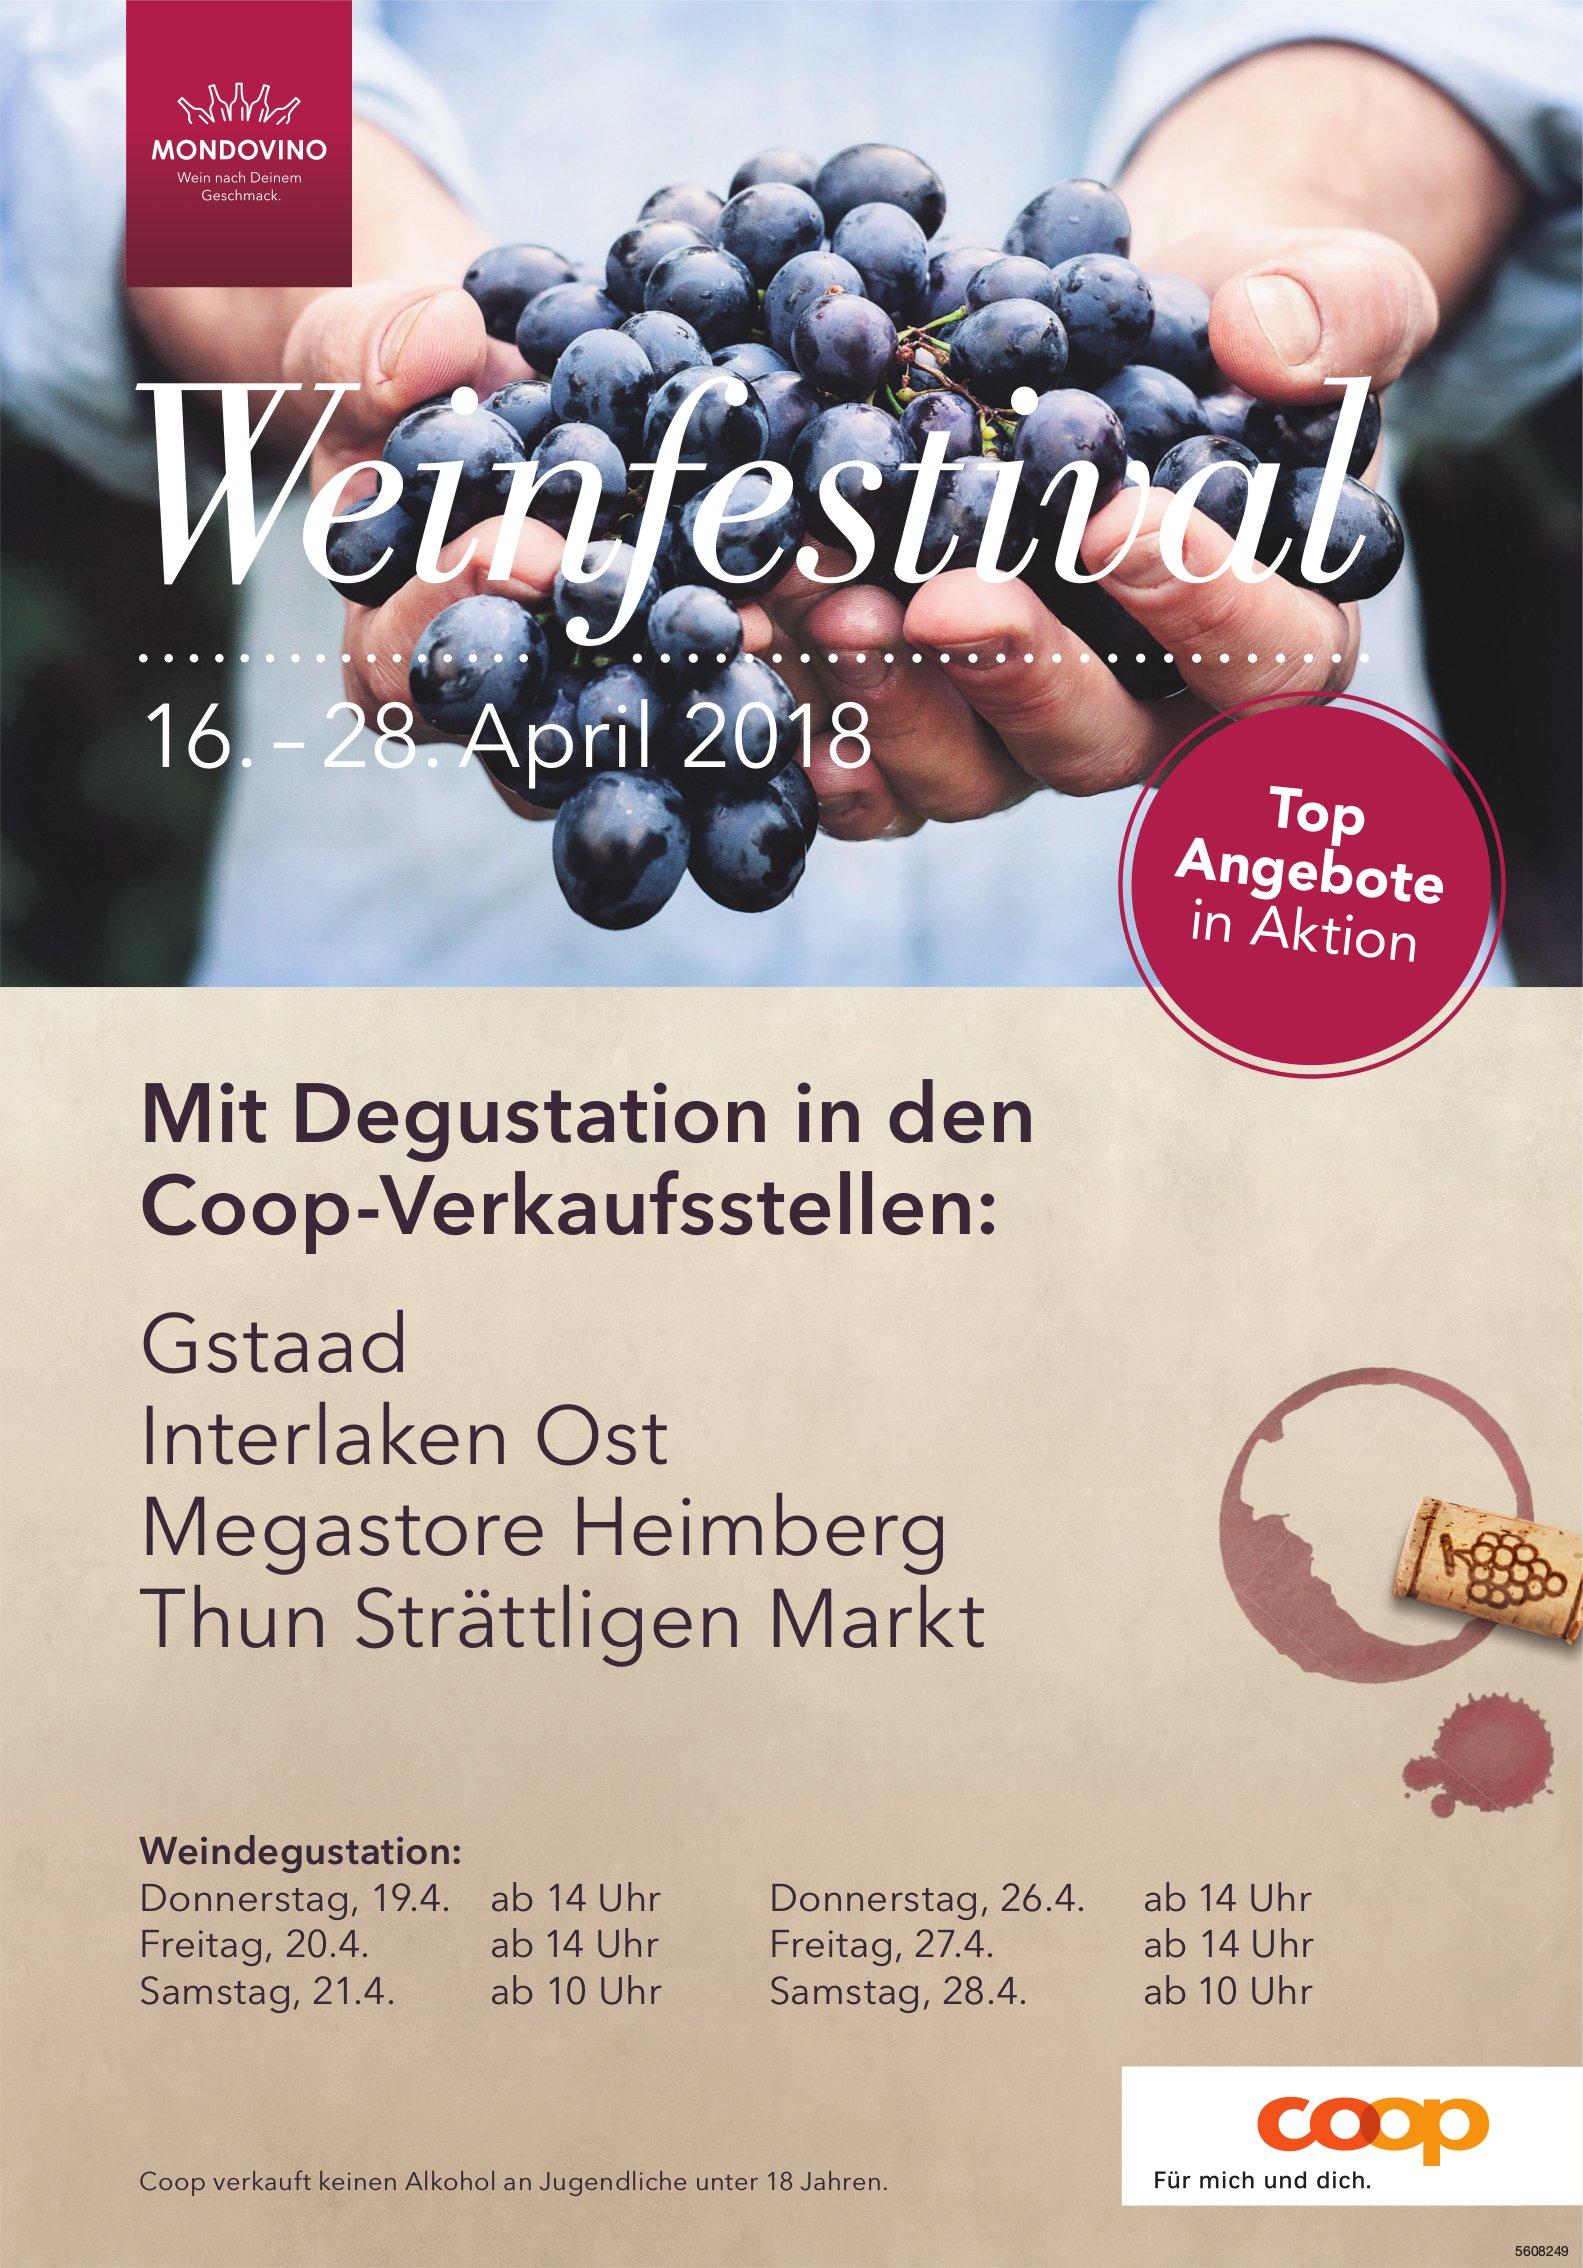 Weinfestival, 16. - 28. April, Coop-Verkaufsstellen...